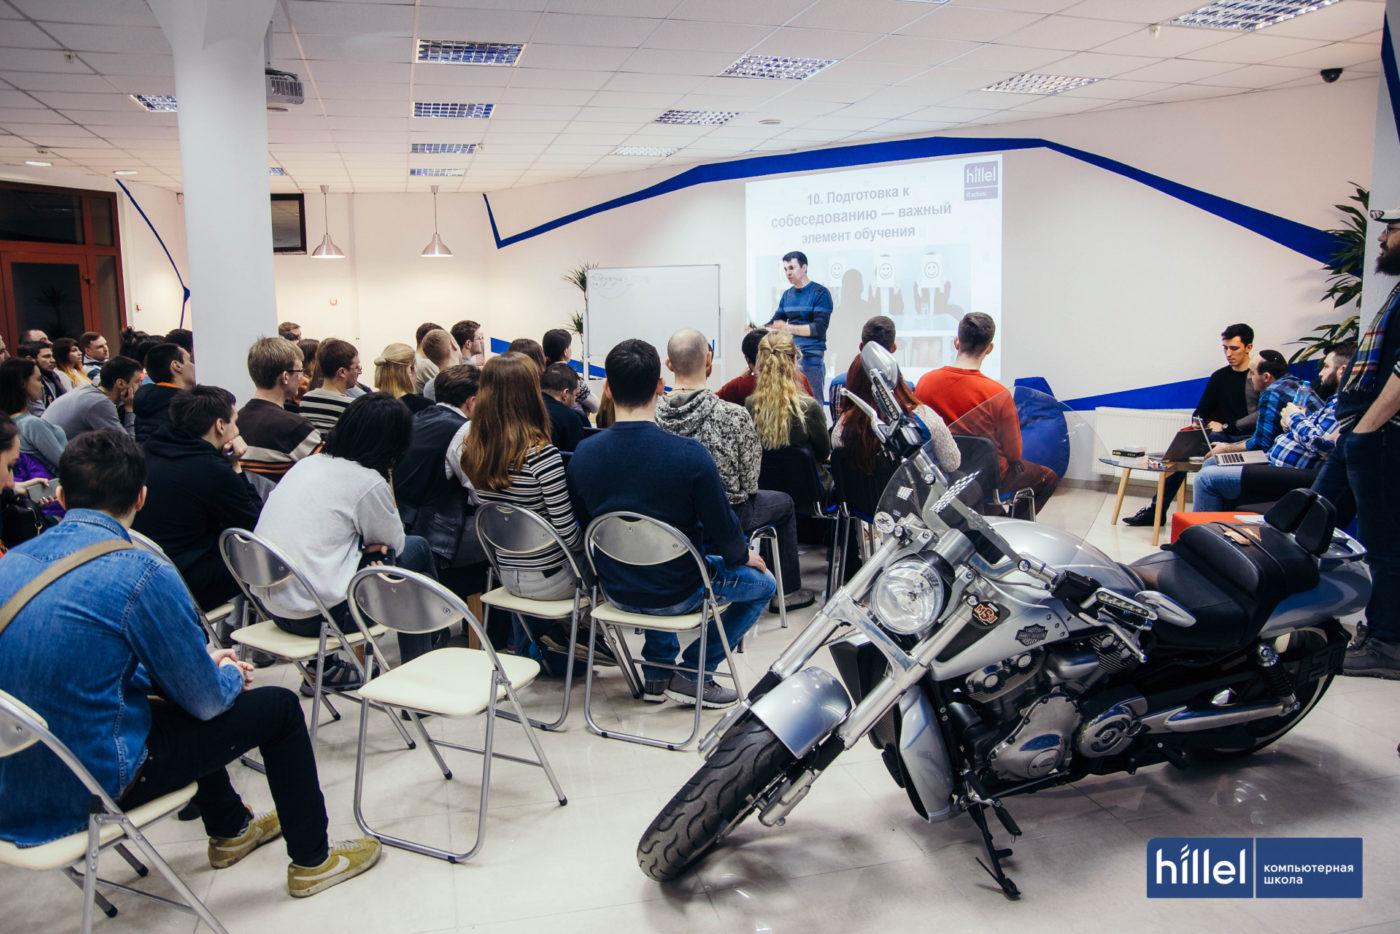 Новости школы: Компьютерная школа Hillel теперь и в Харькове